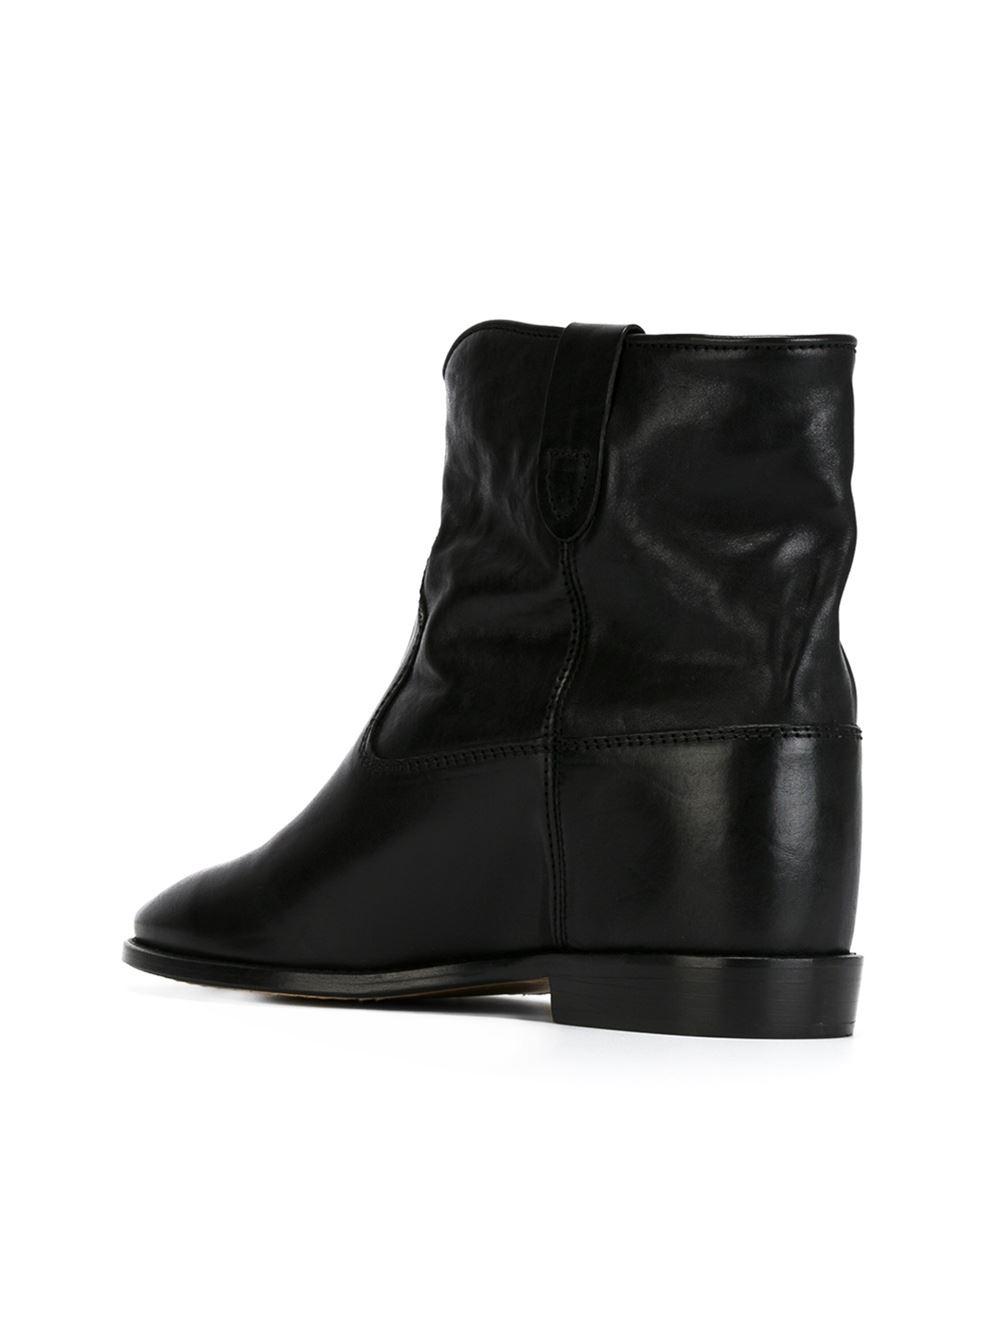 isabel marant toile 39 cluster 39 boots in black lyst. Black Bedroom Furniture Sets. Home Design Ideas